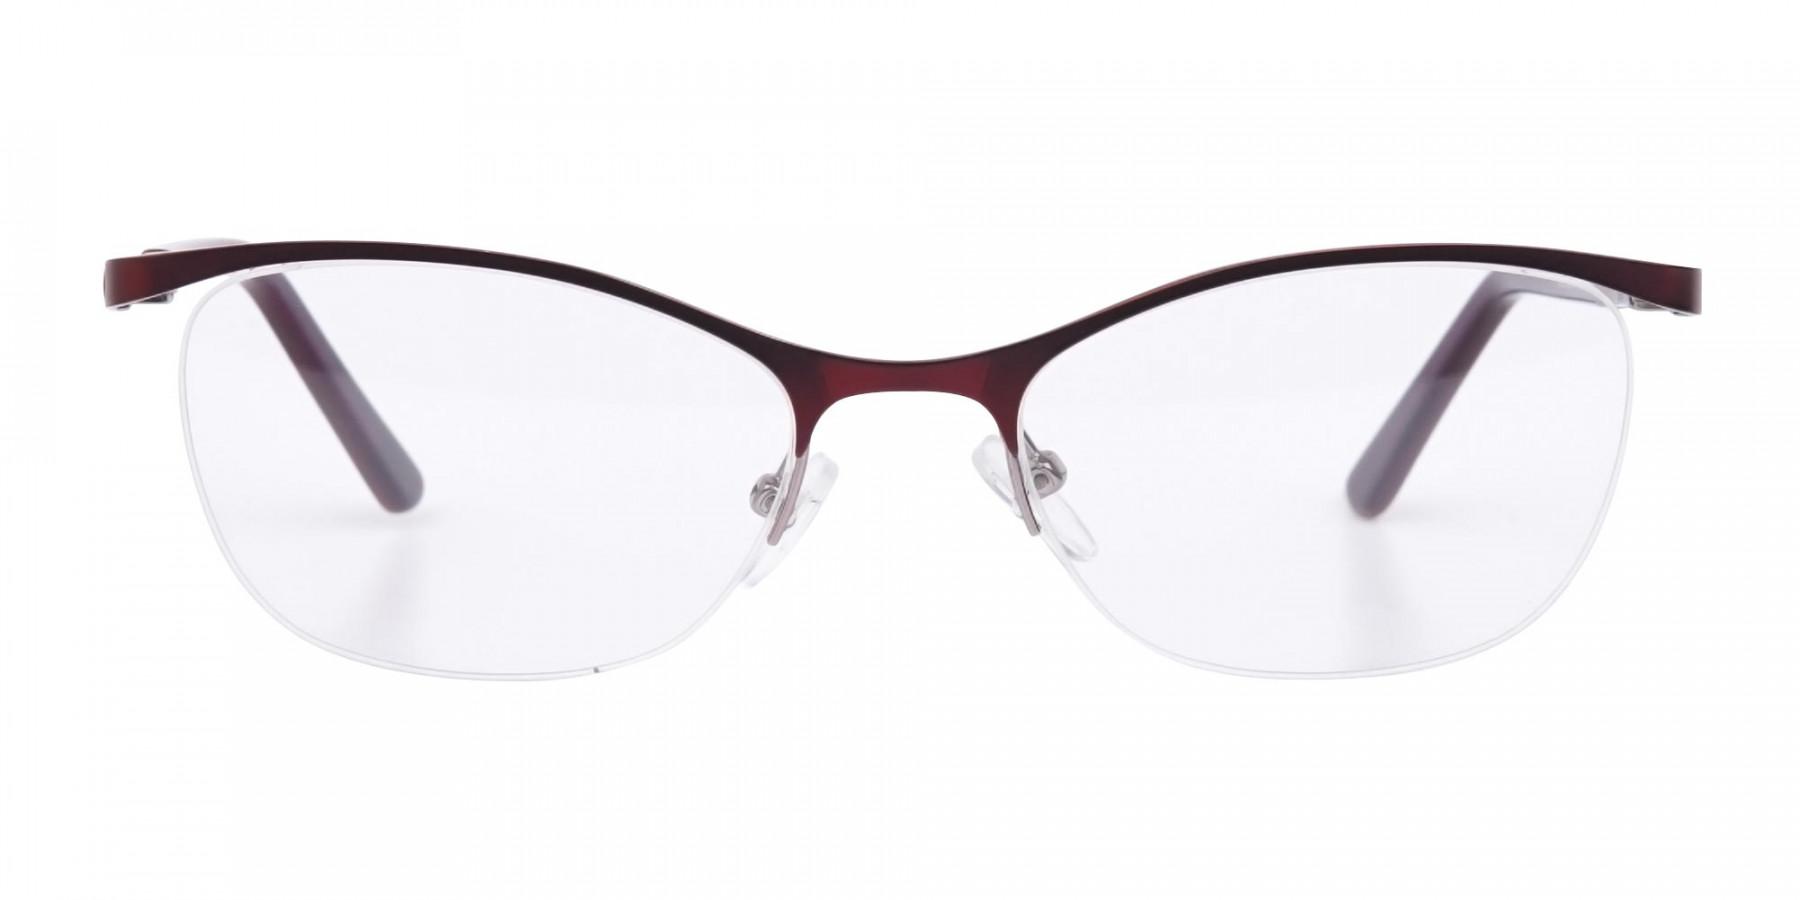 Burgundy Red Oval Cat-Eye Glasses Frame Women-1